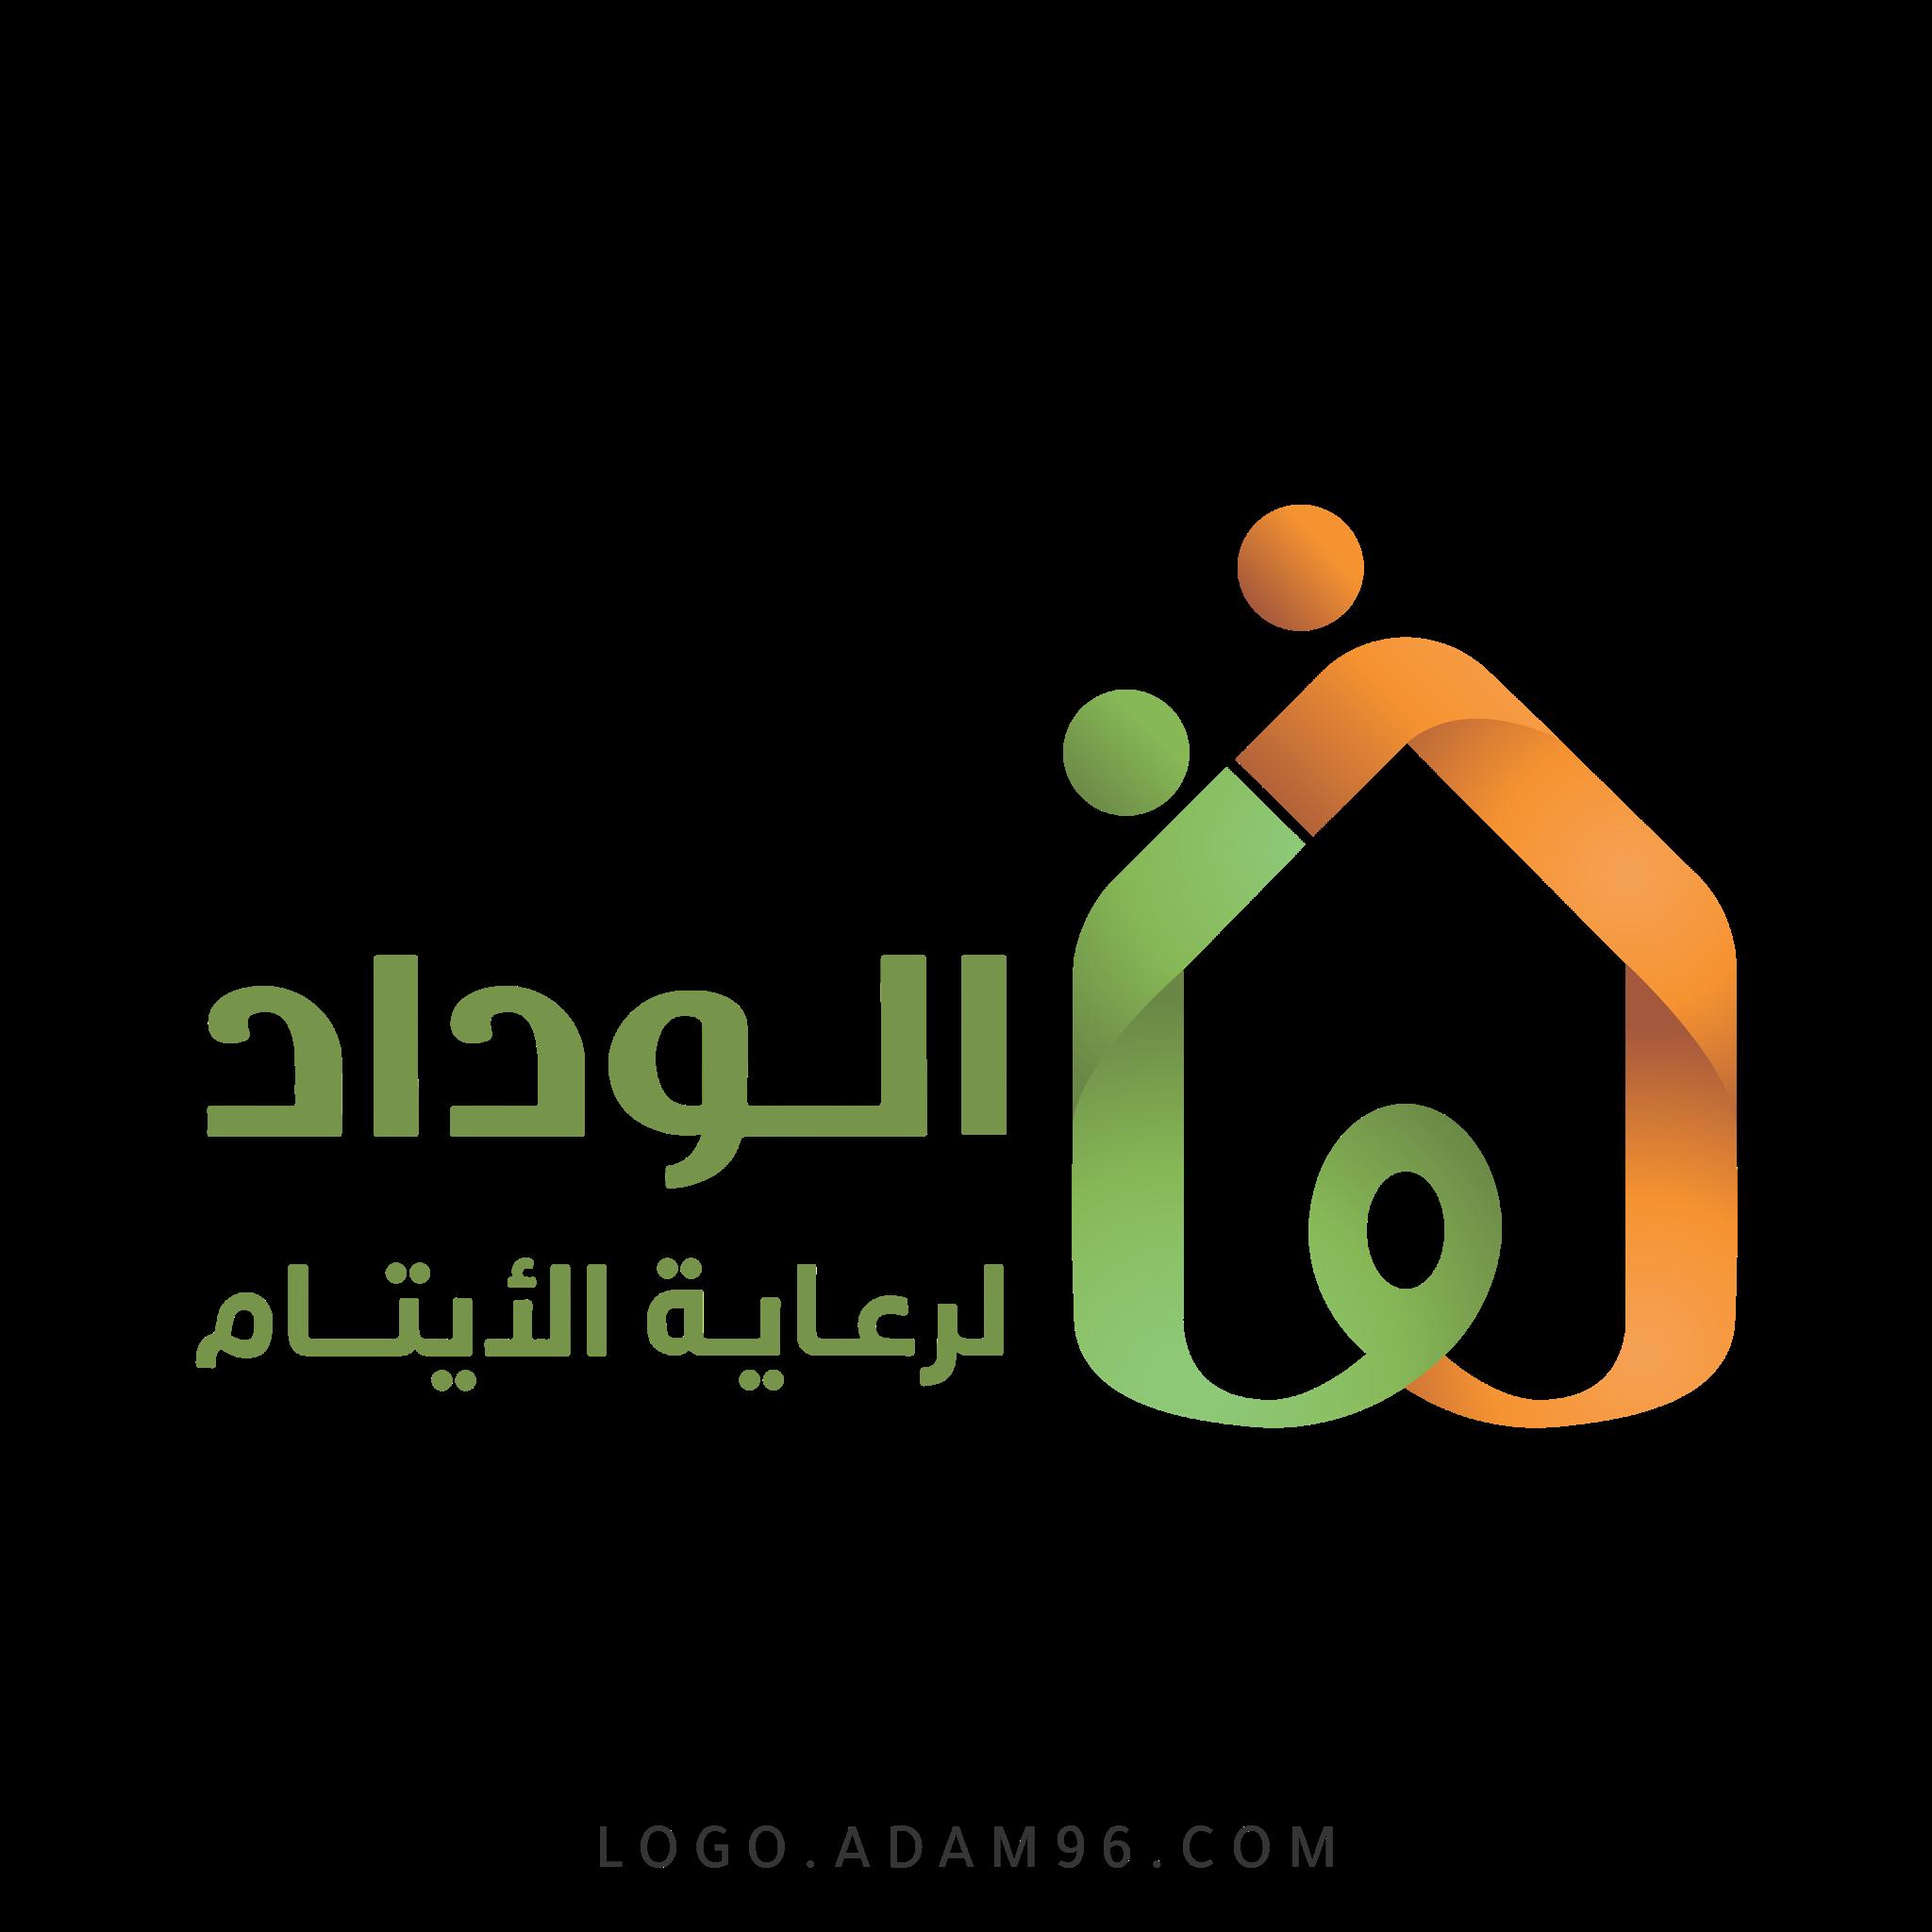 تحميل شعار جمعية الوداد لرعاية الايتام الرسمي لوجو عالي الجودة بصيغة PNG